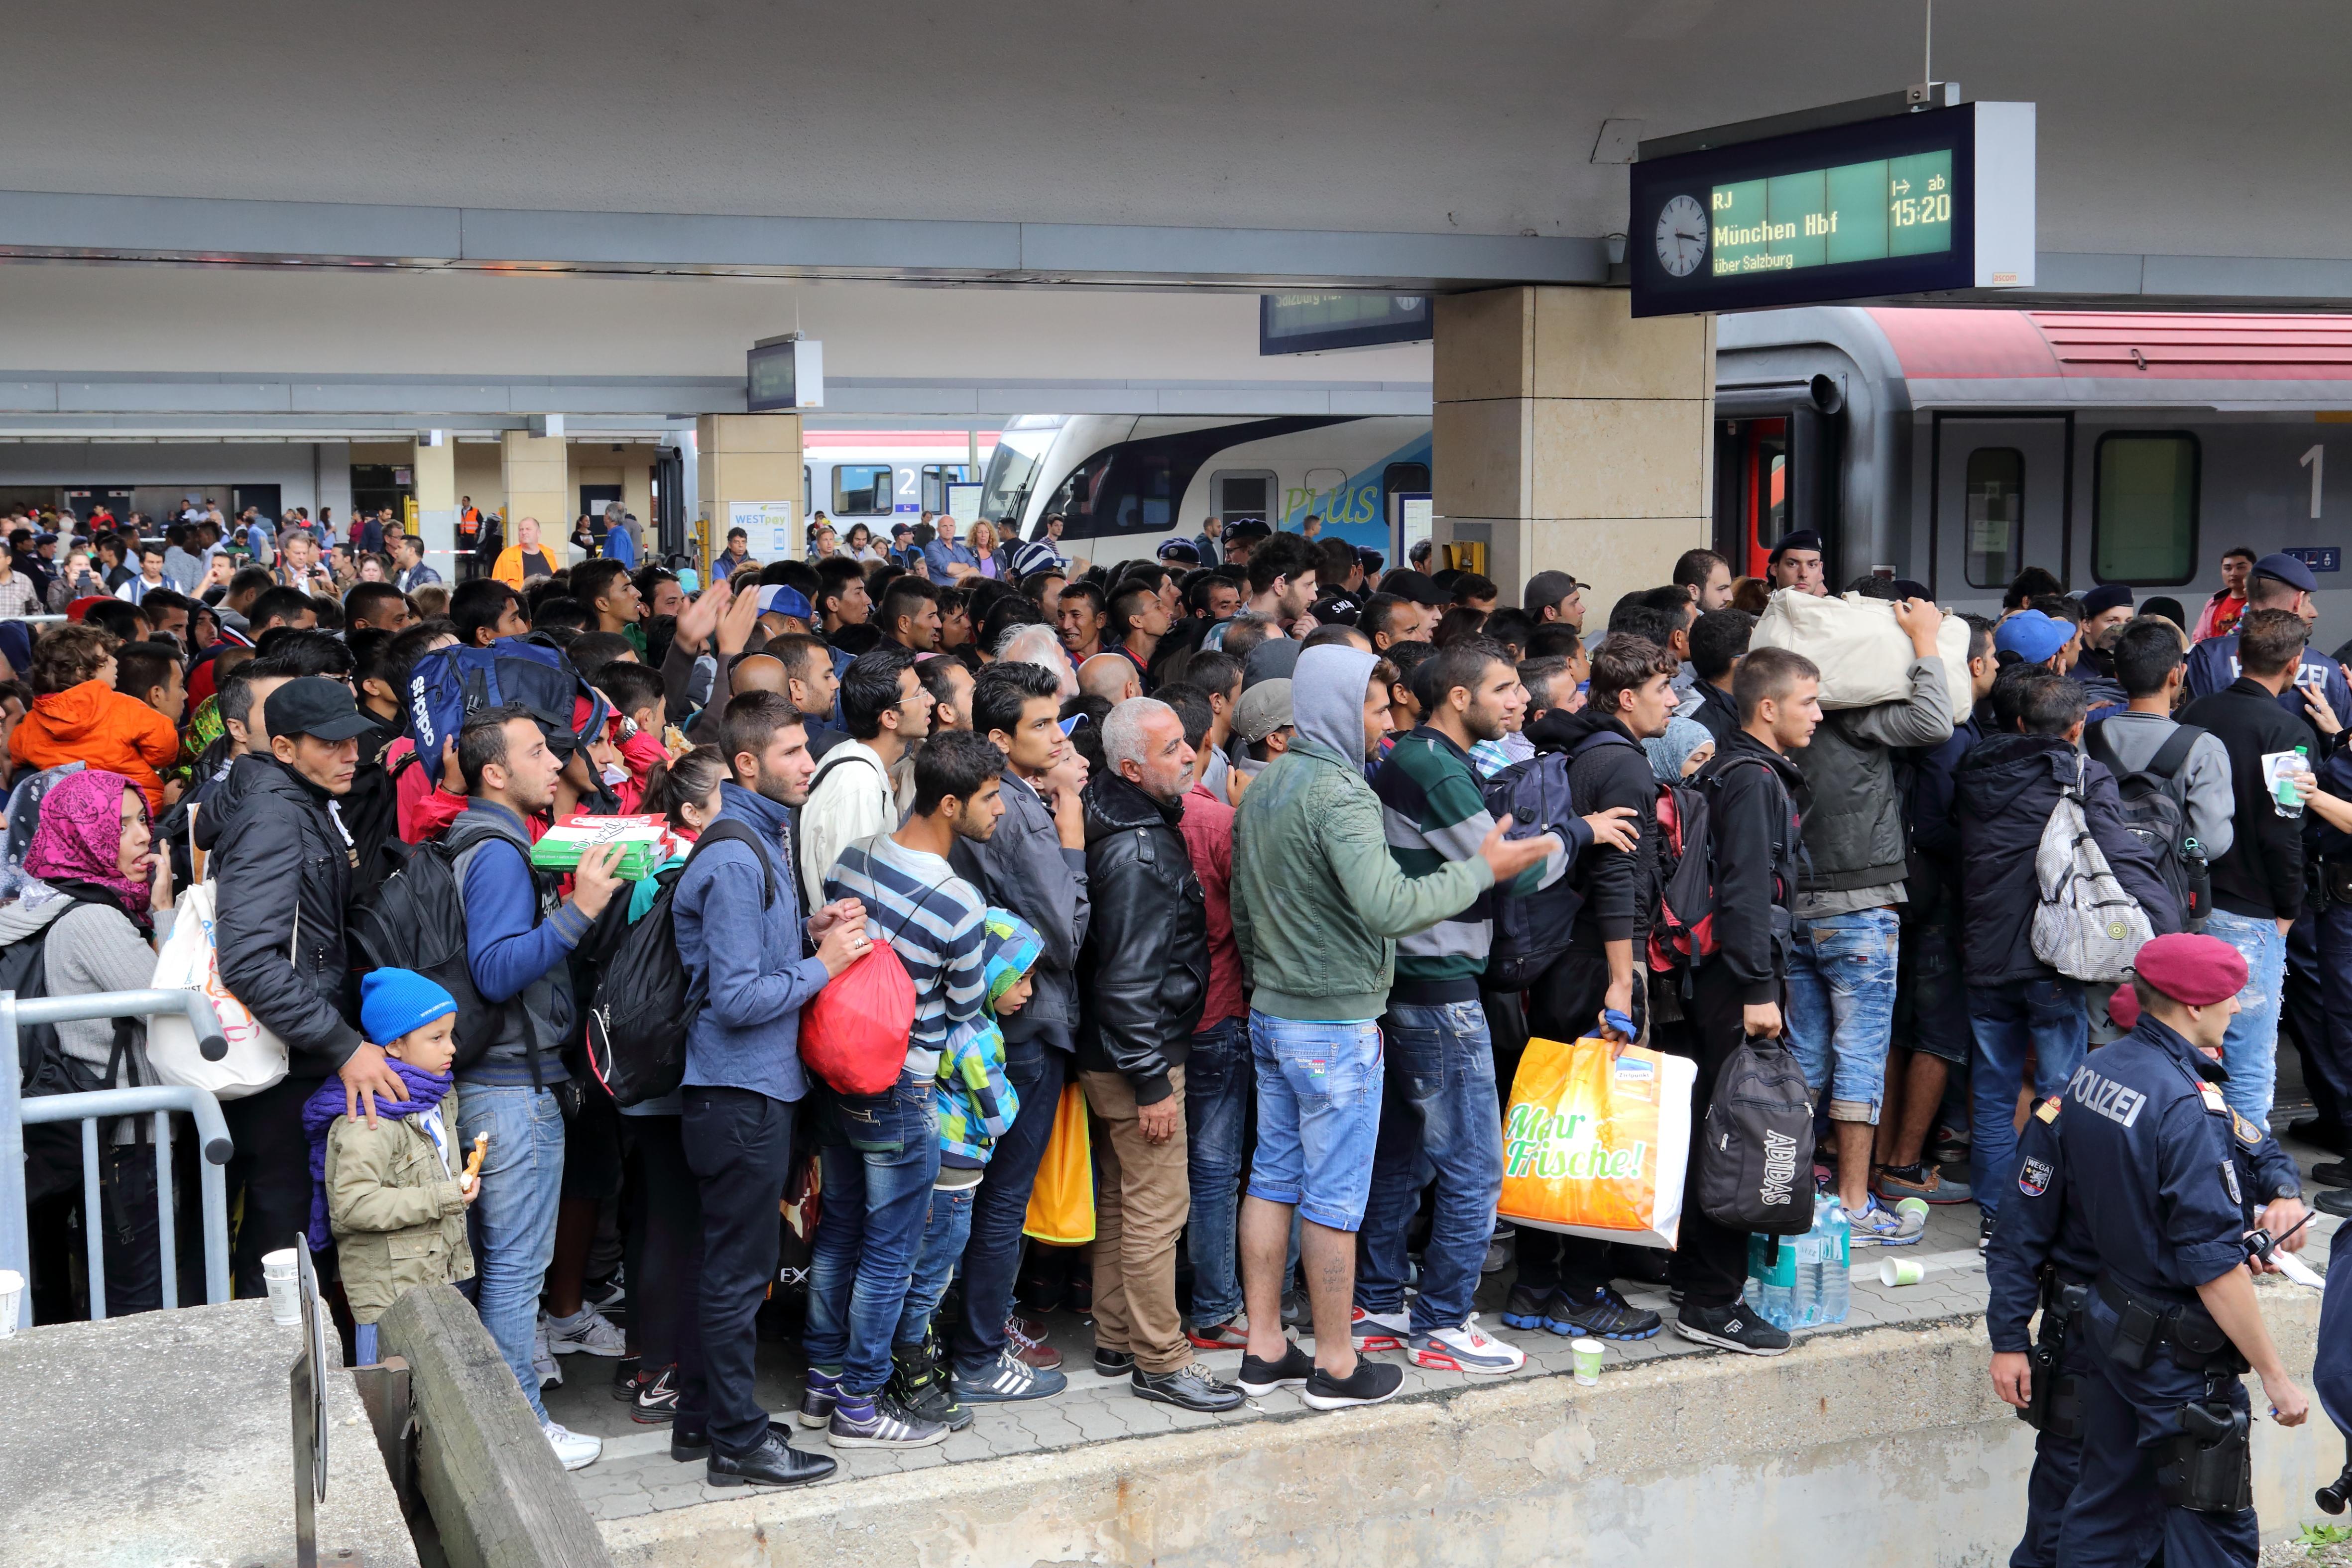 Kurzfristige Maßnahmen zur Bewältigung der Asylkrise – Positionspapier des Bundesvorstands der Partei der Vernunft